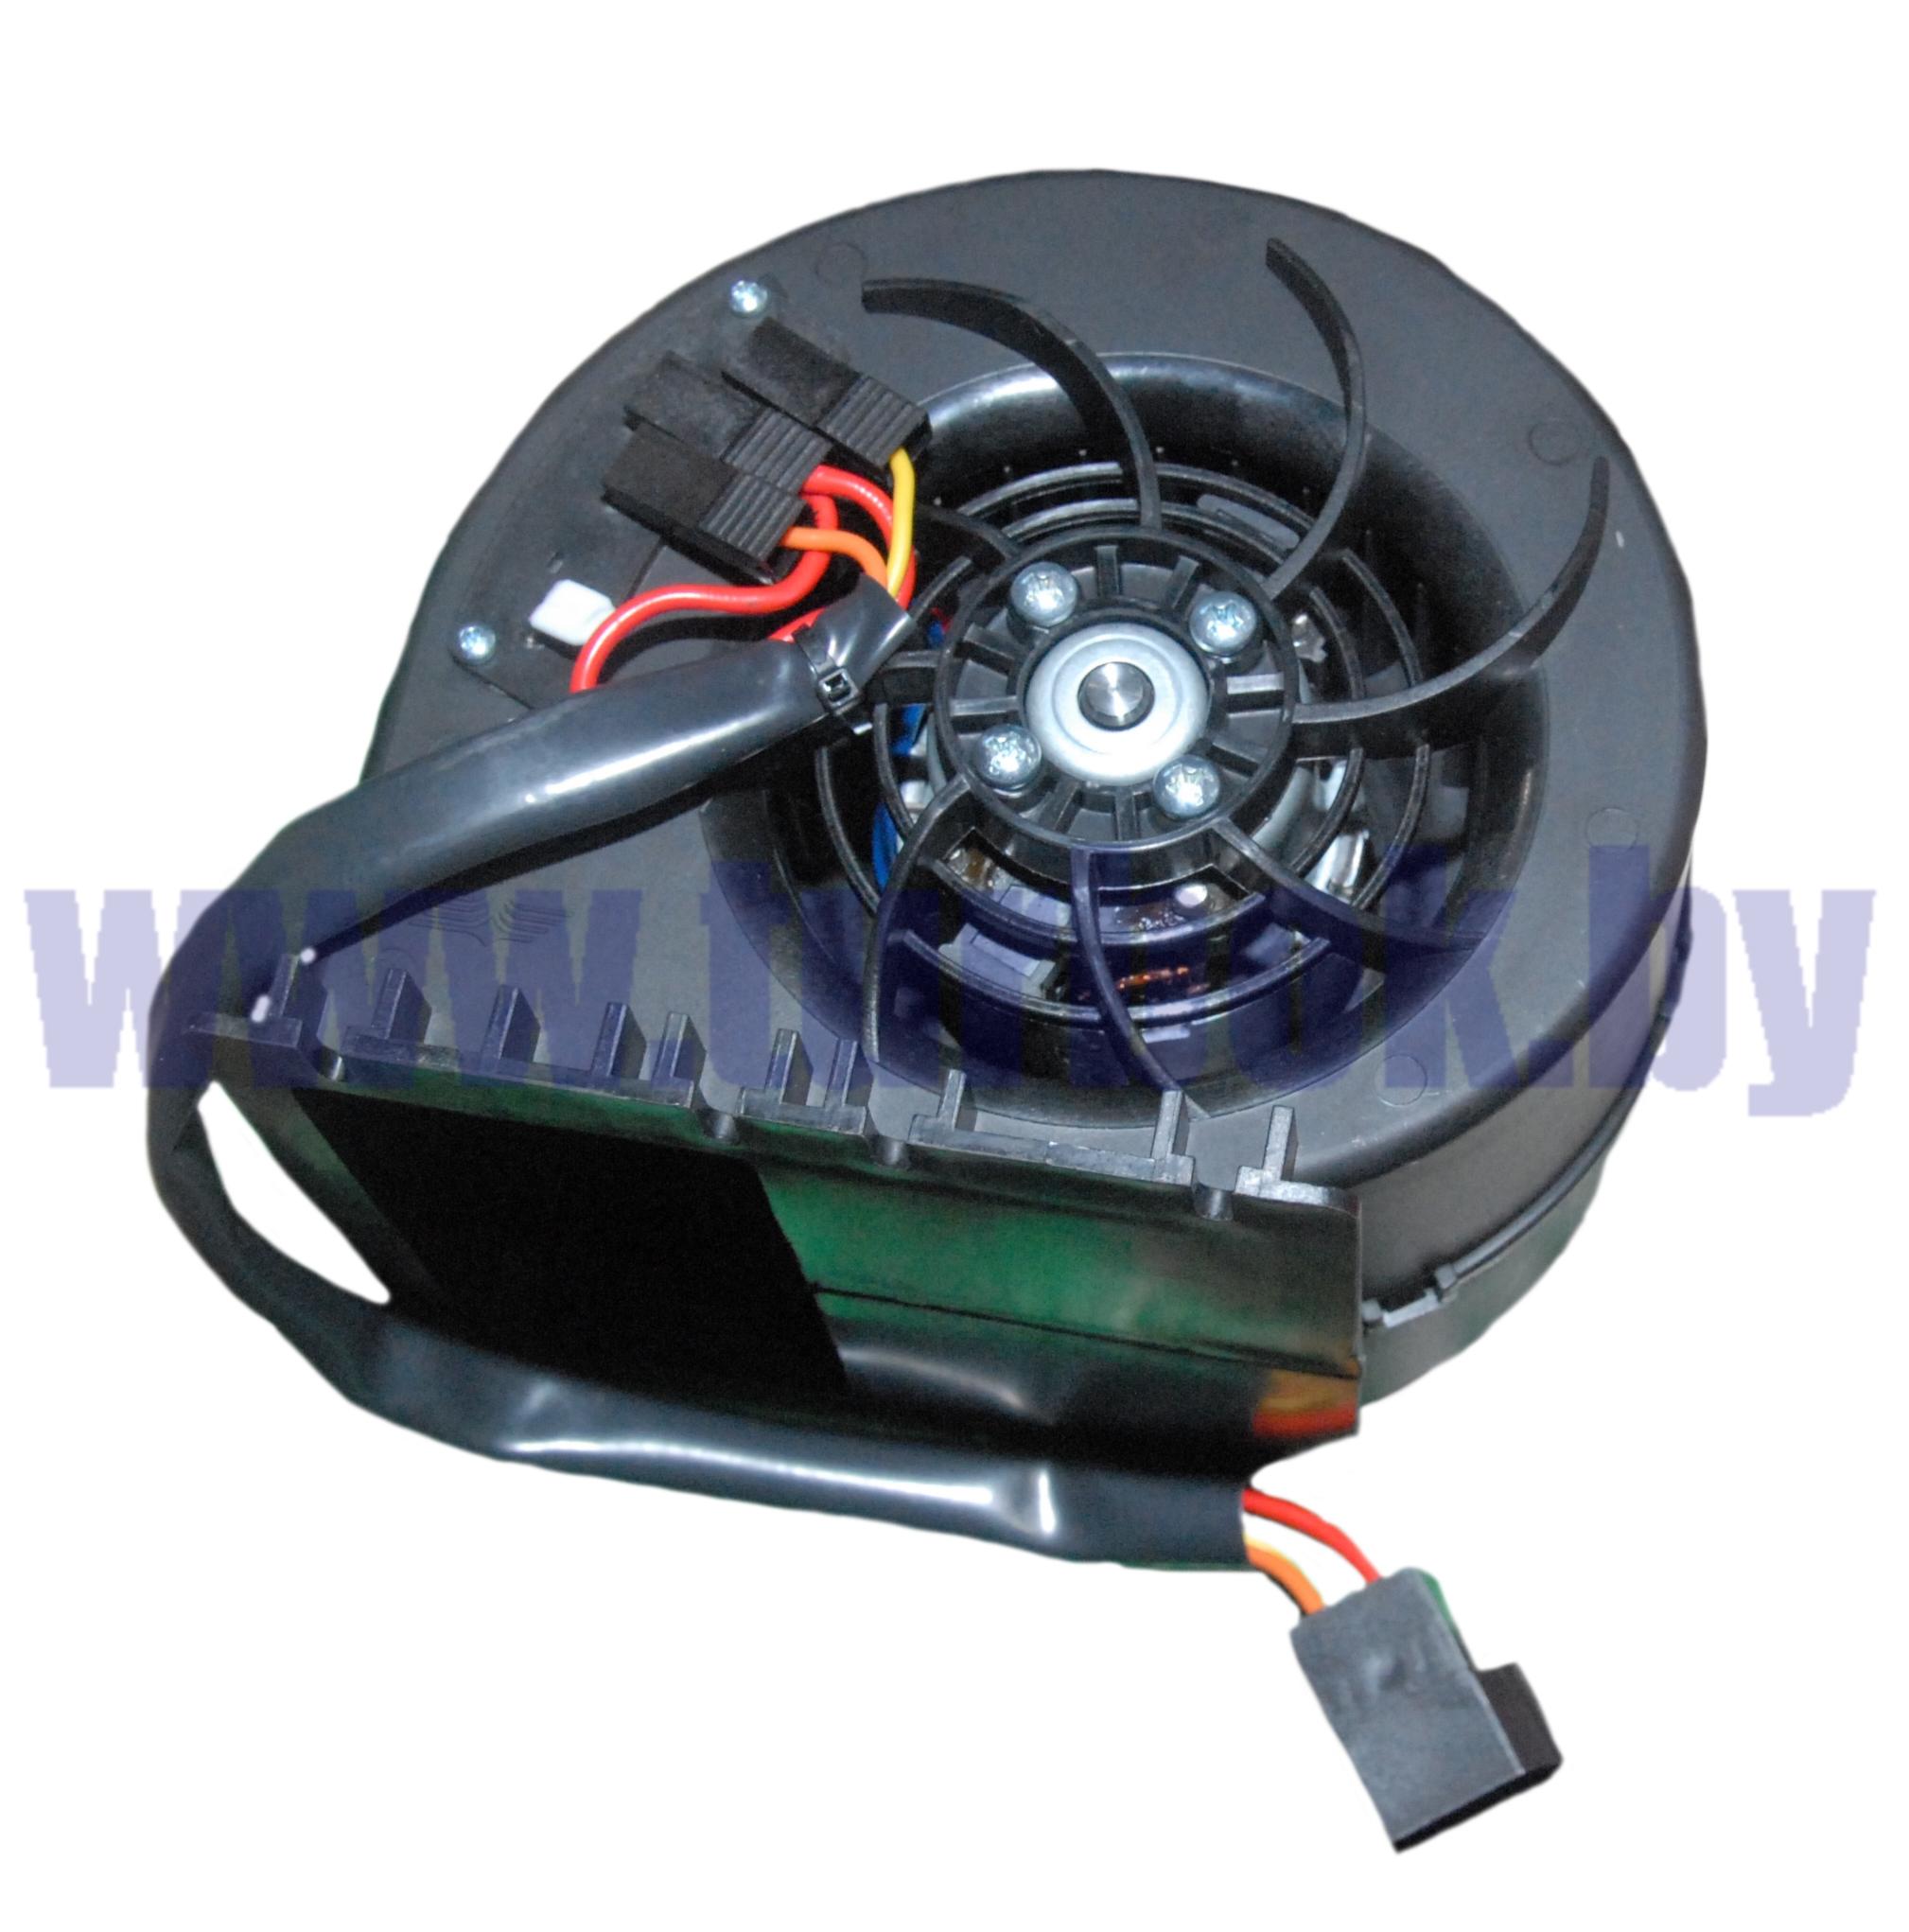 Блок вентиляторный отопителя (на 1 улитку) МАЗ автобус/ИЖКС.632546.006-00.01